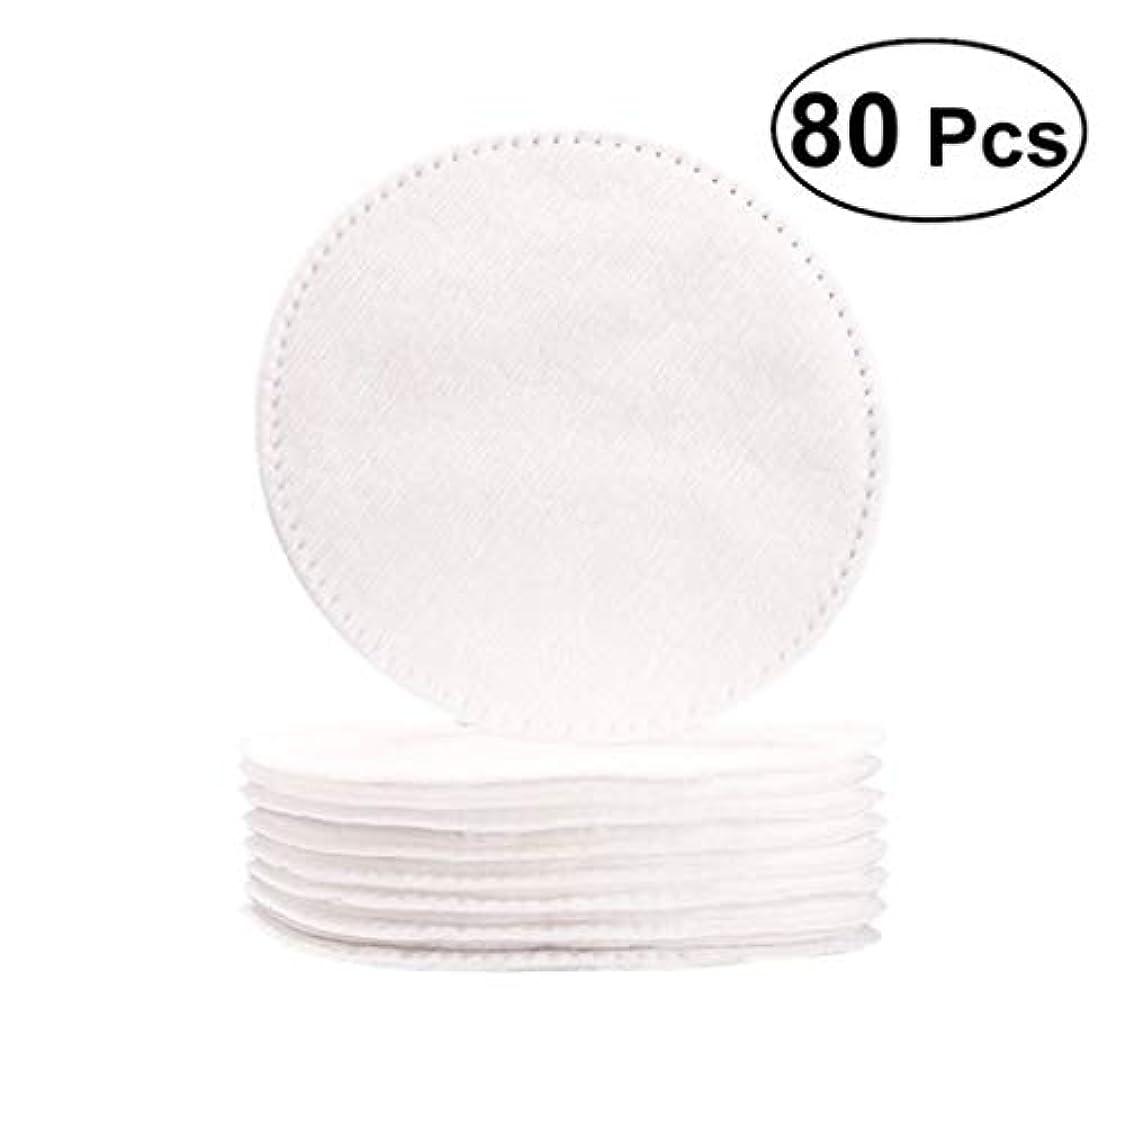 きしむ怠惰平野クレンジングシート 80ピースコットンパッド使い捨てダブルフェイスクレンジングクリーニングパッドフェイシャルコットンシートネイルスキンケアコットンパッド (Color : White, サイズ : 5.5cm)